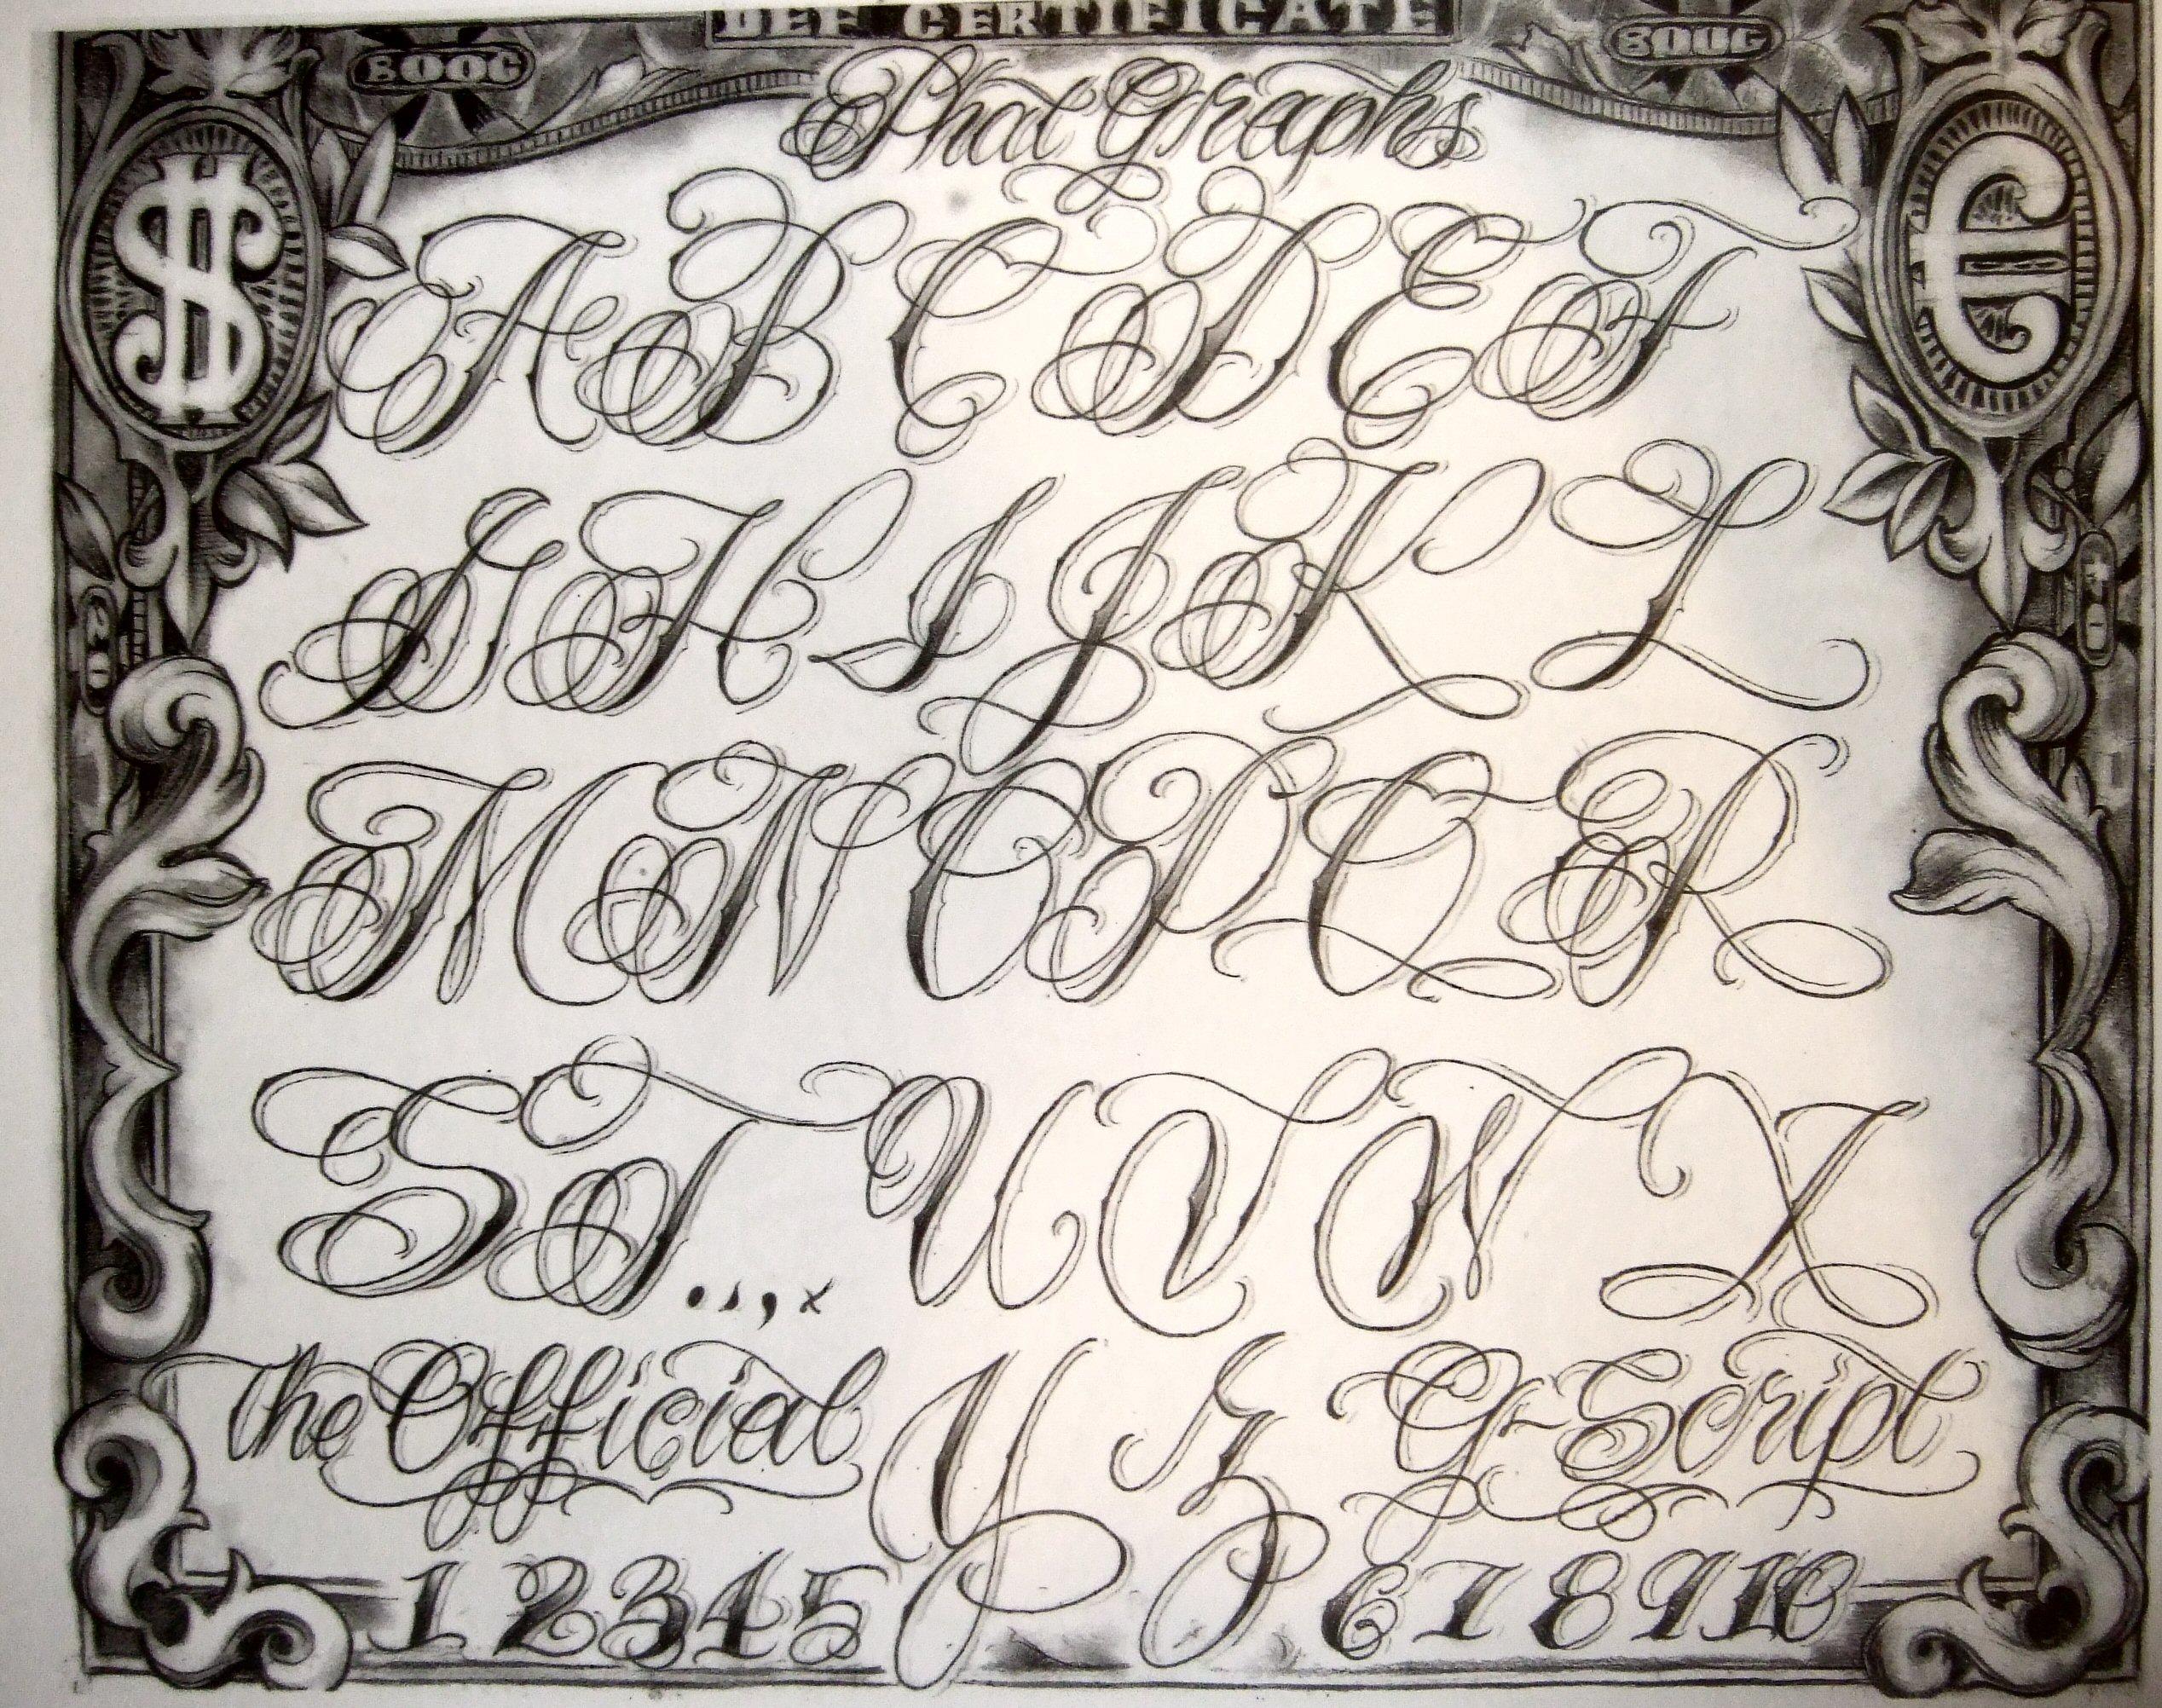 8 gangster cursive fonts images gangster cursive tattoo fonts gangster tattoo lettering font. Black Bedroom Furniture Sets. Home Design Ideas